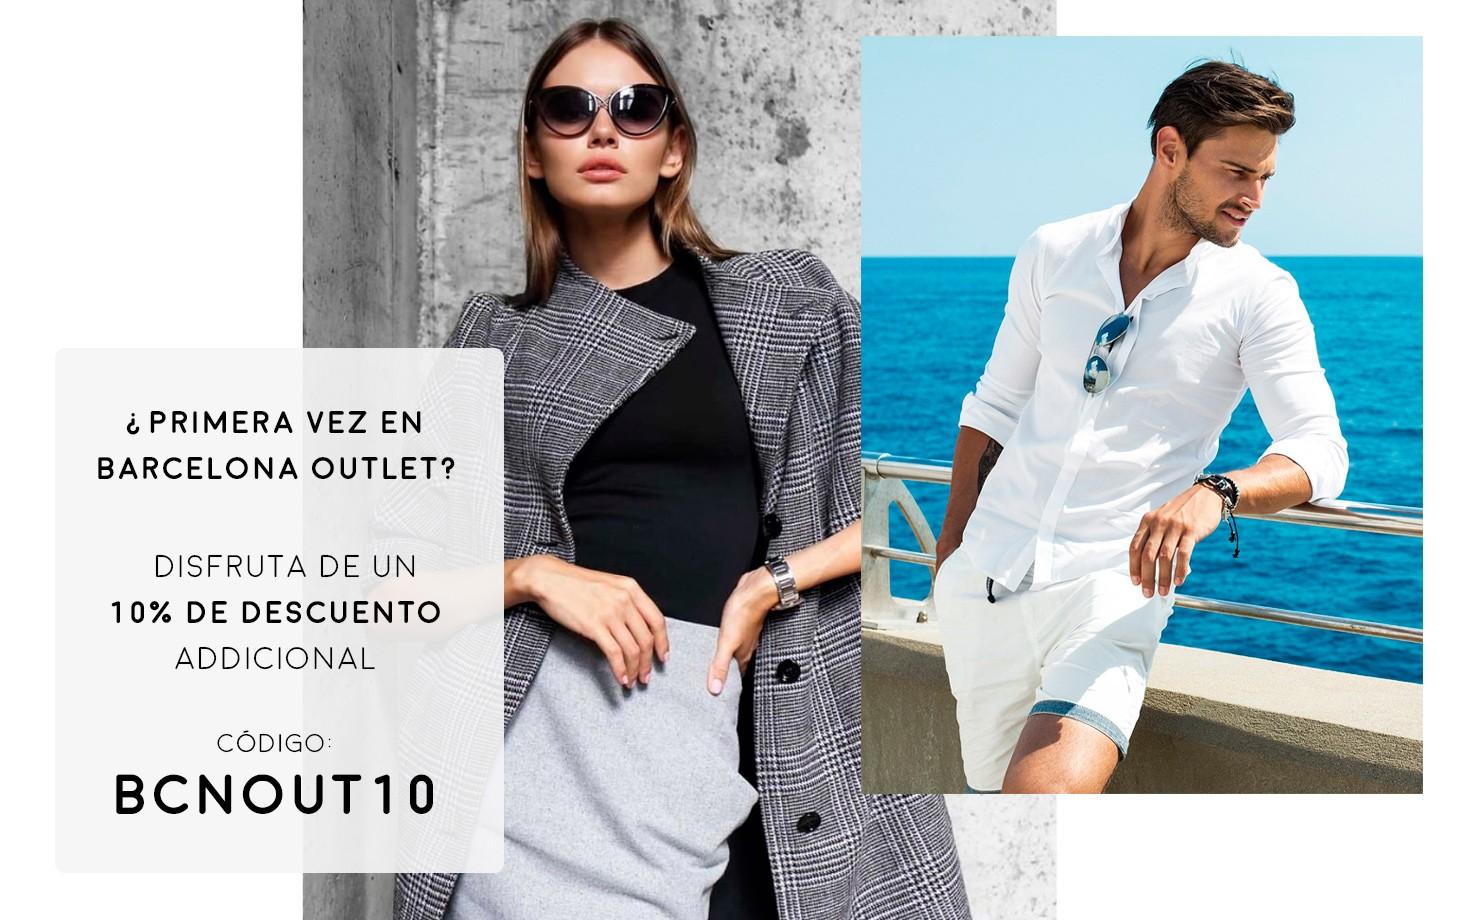 Descuento de un 10% en tu primera compra online en Barcelona Outlet